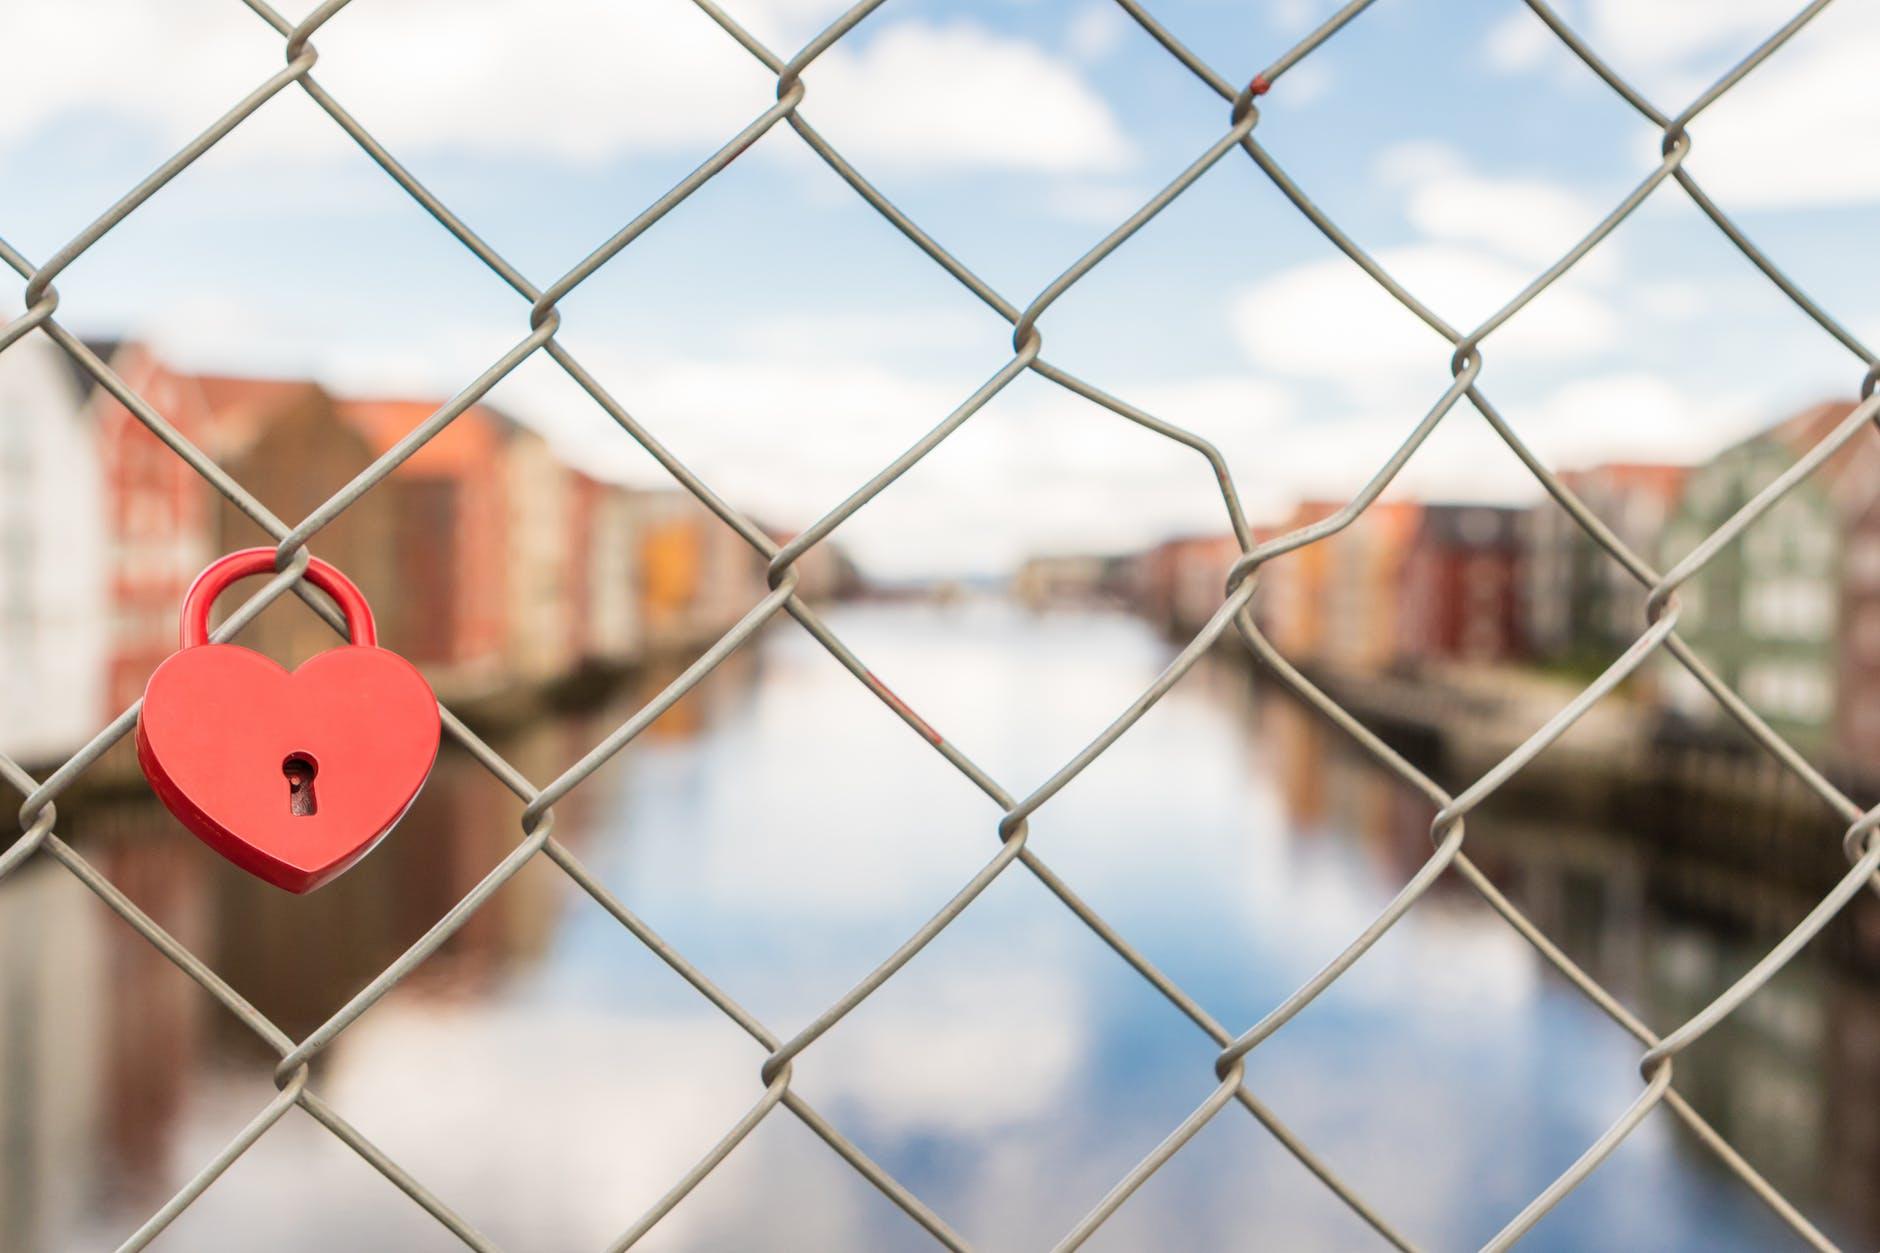 fence heart lock locked